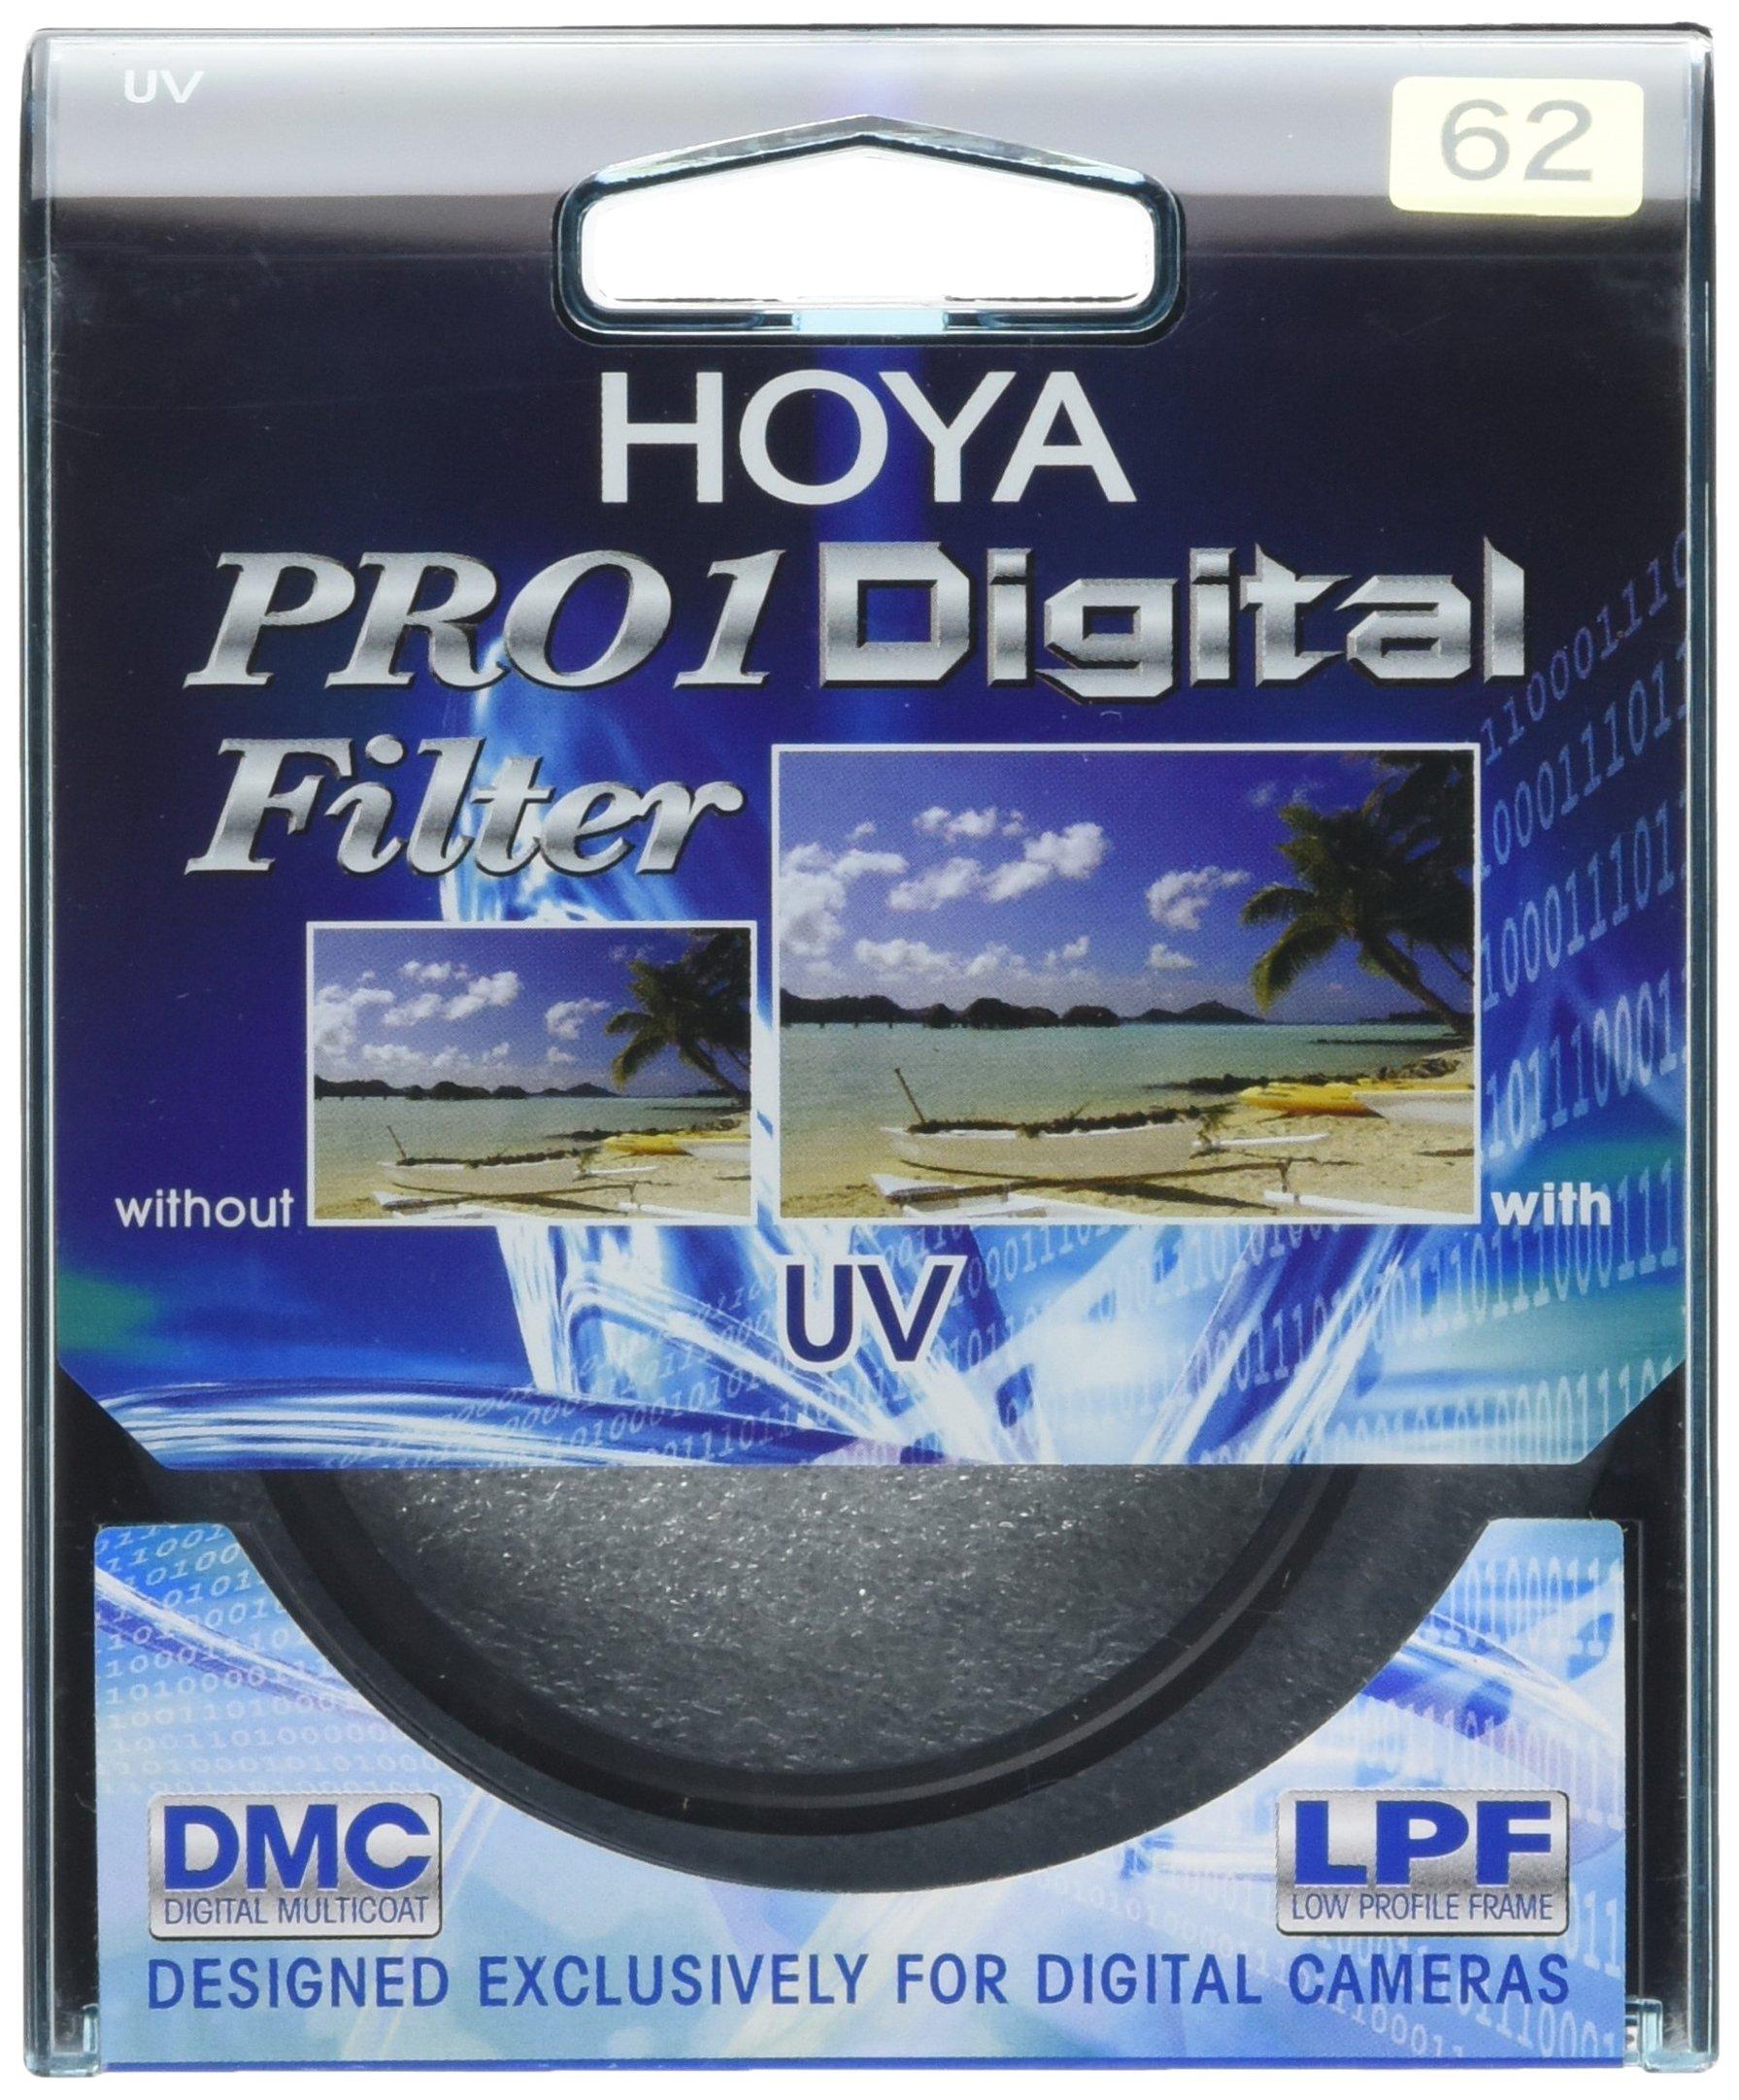 Hoya 62mm DMC Pro 1 UV Filter by Hoya